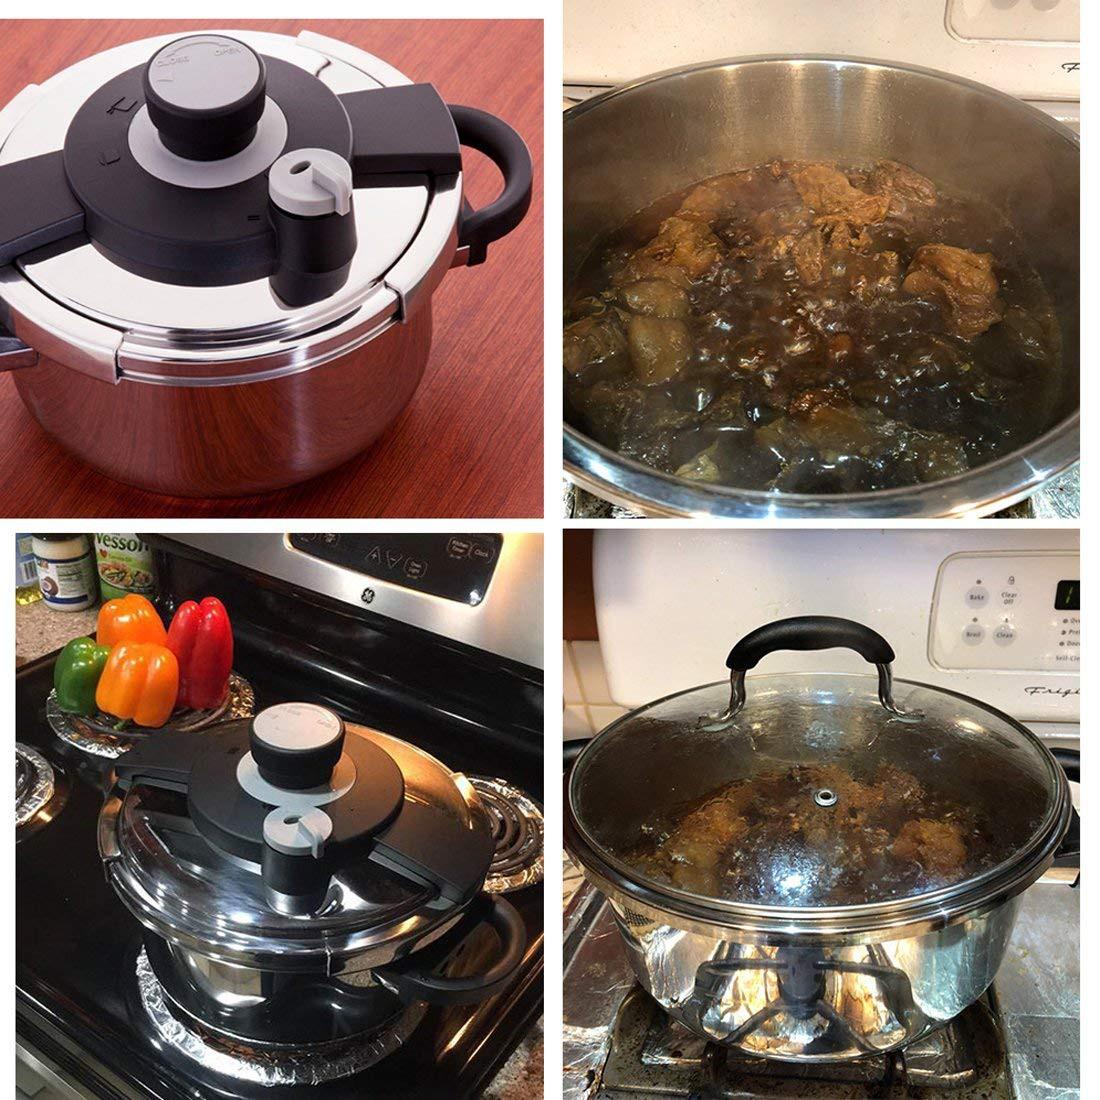 Gợi ý 8 loại nồi hầm thực phẩm giúp bạn nhàn nhã nấu đủ món trong những ngày nắng nóng - Ảnh 6.